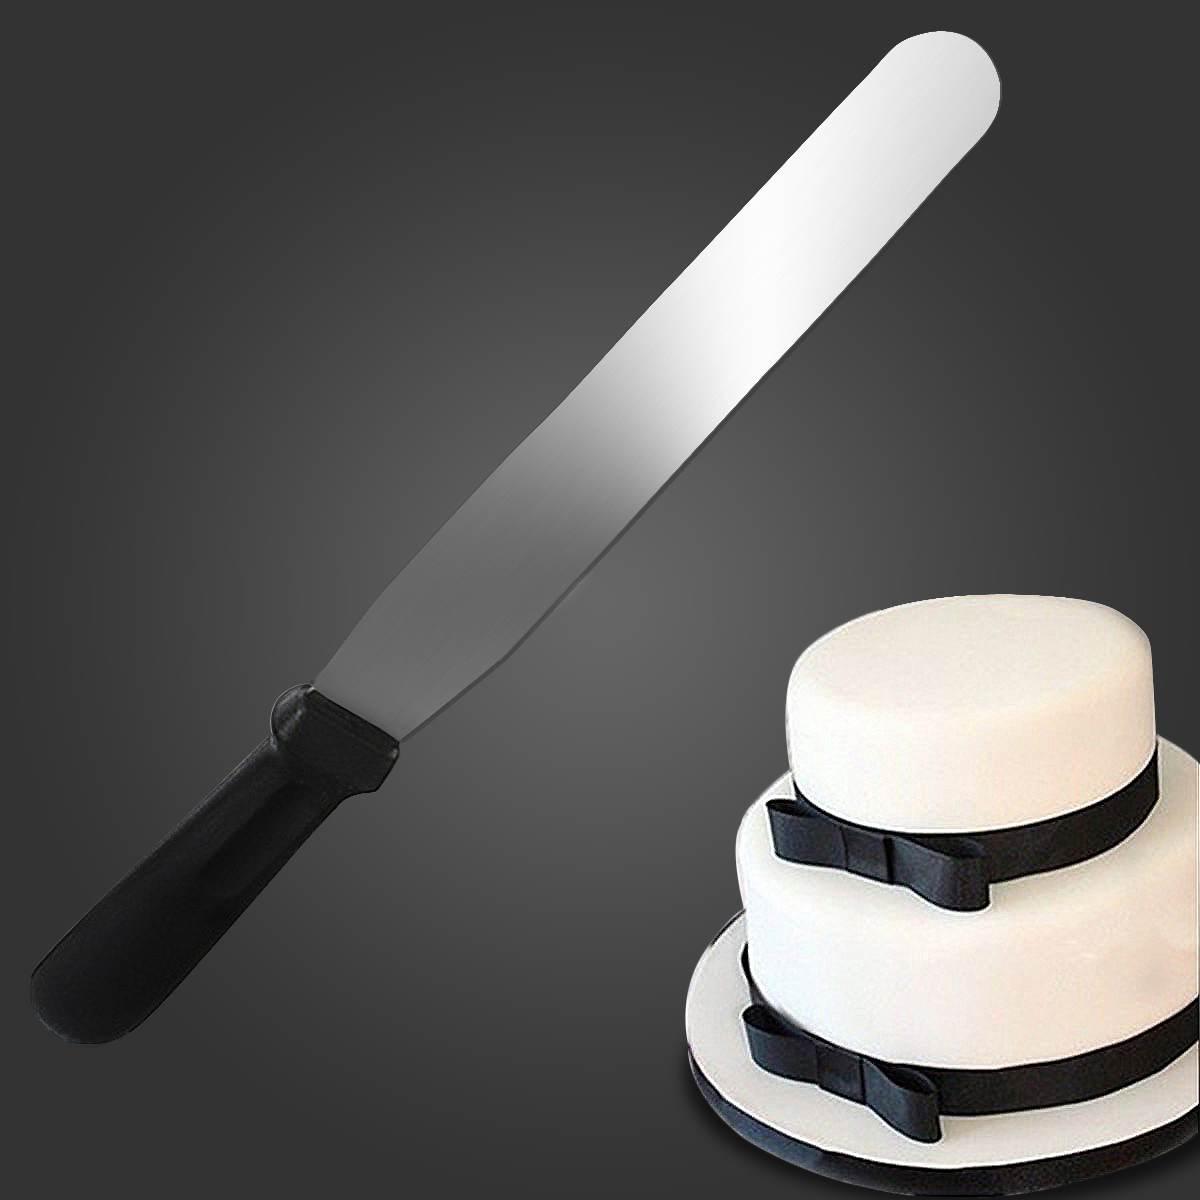 Aço inoxidável 12 polegada espátula manteiga bolo creme faca reta espalhar mais suave espalhador fondant pastelaria bolo decoração